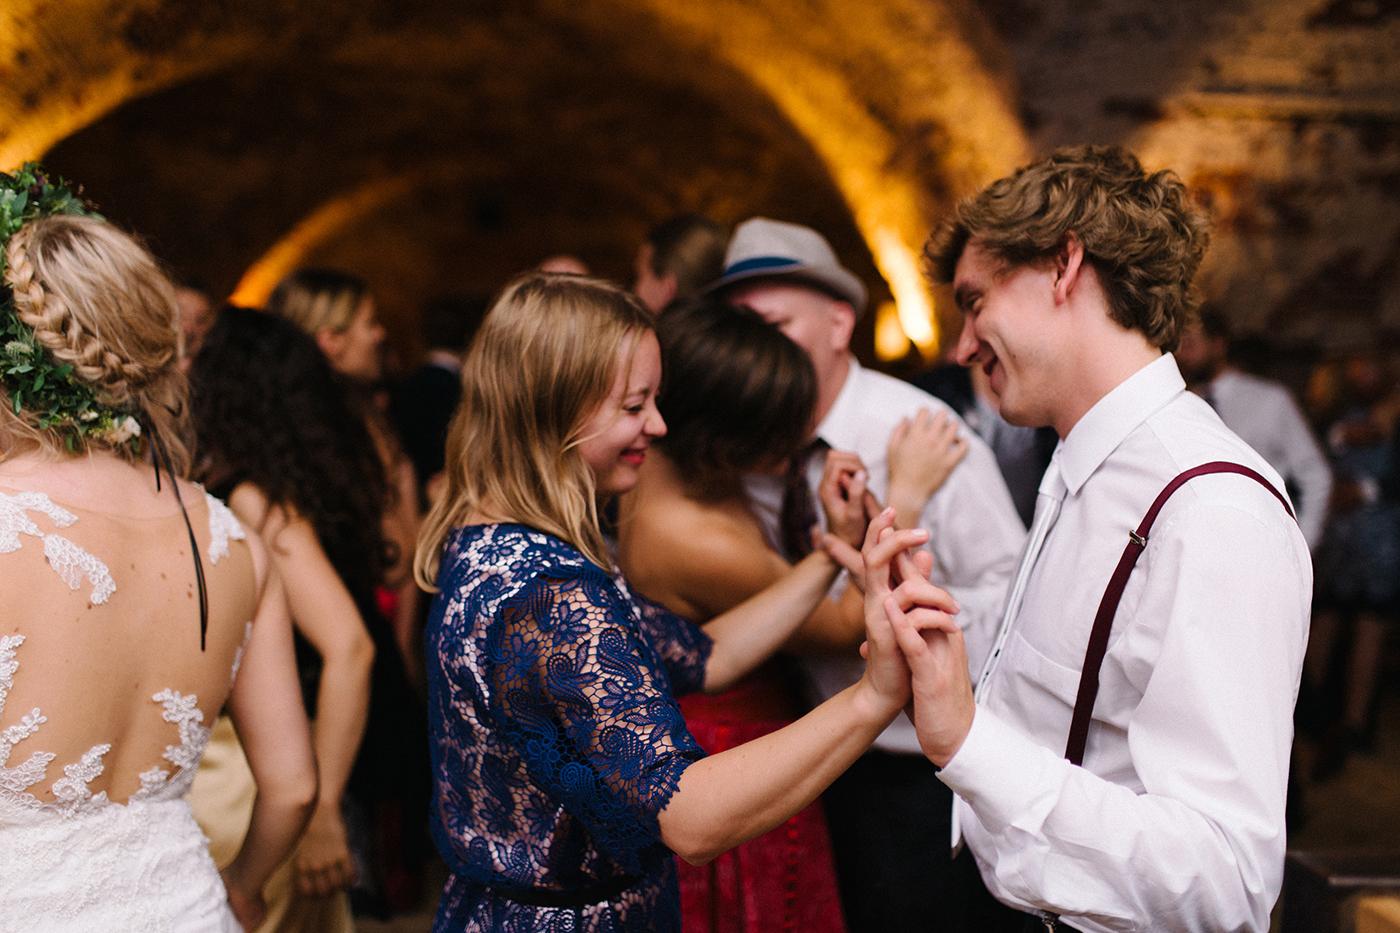 Indie Glam Wedding Tenalji von Fersen Suomenlinna (133).jpg